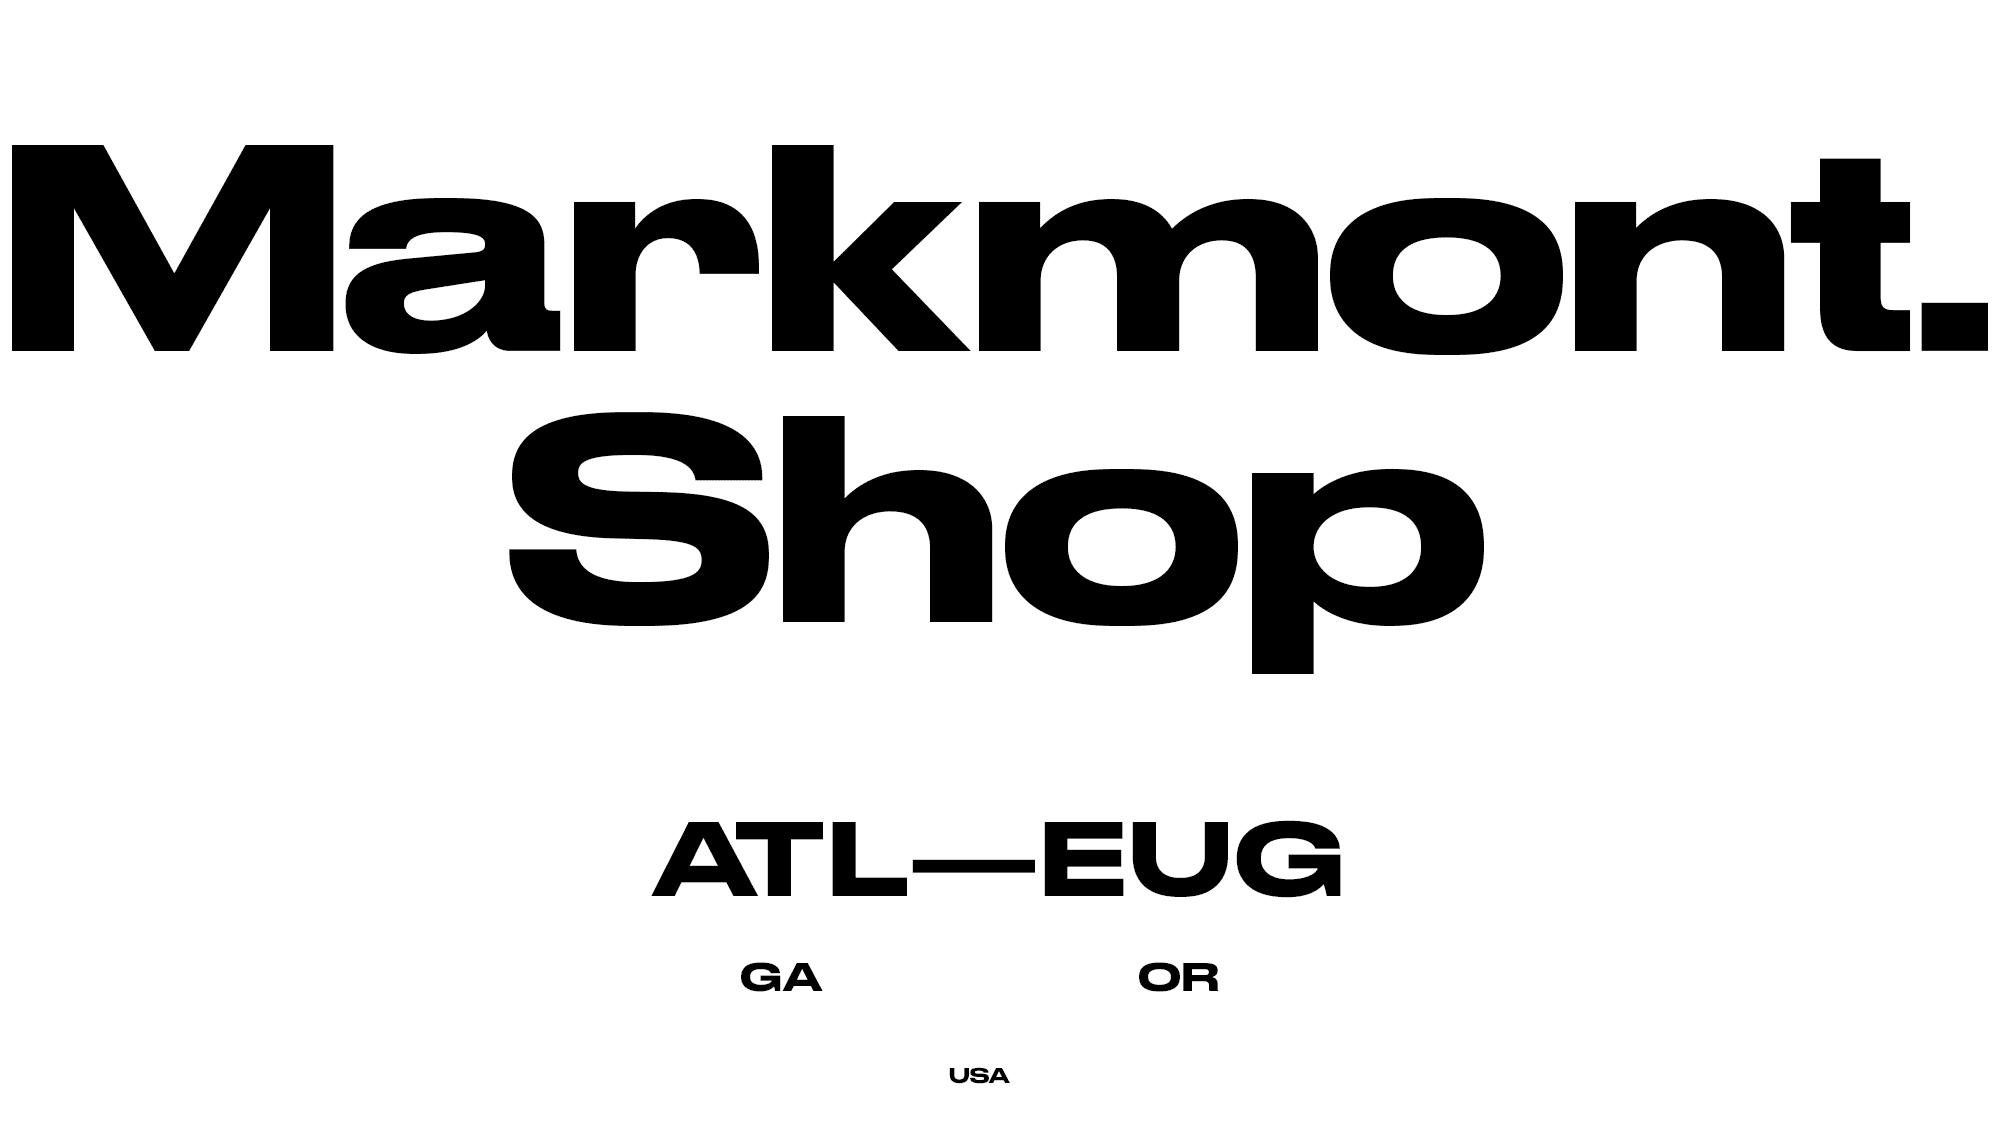 Markmont-Shop.png